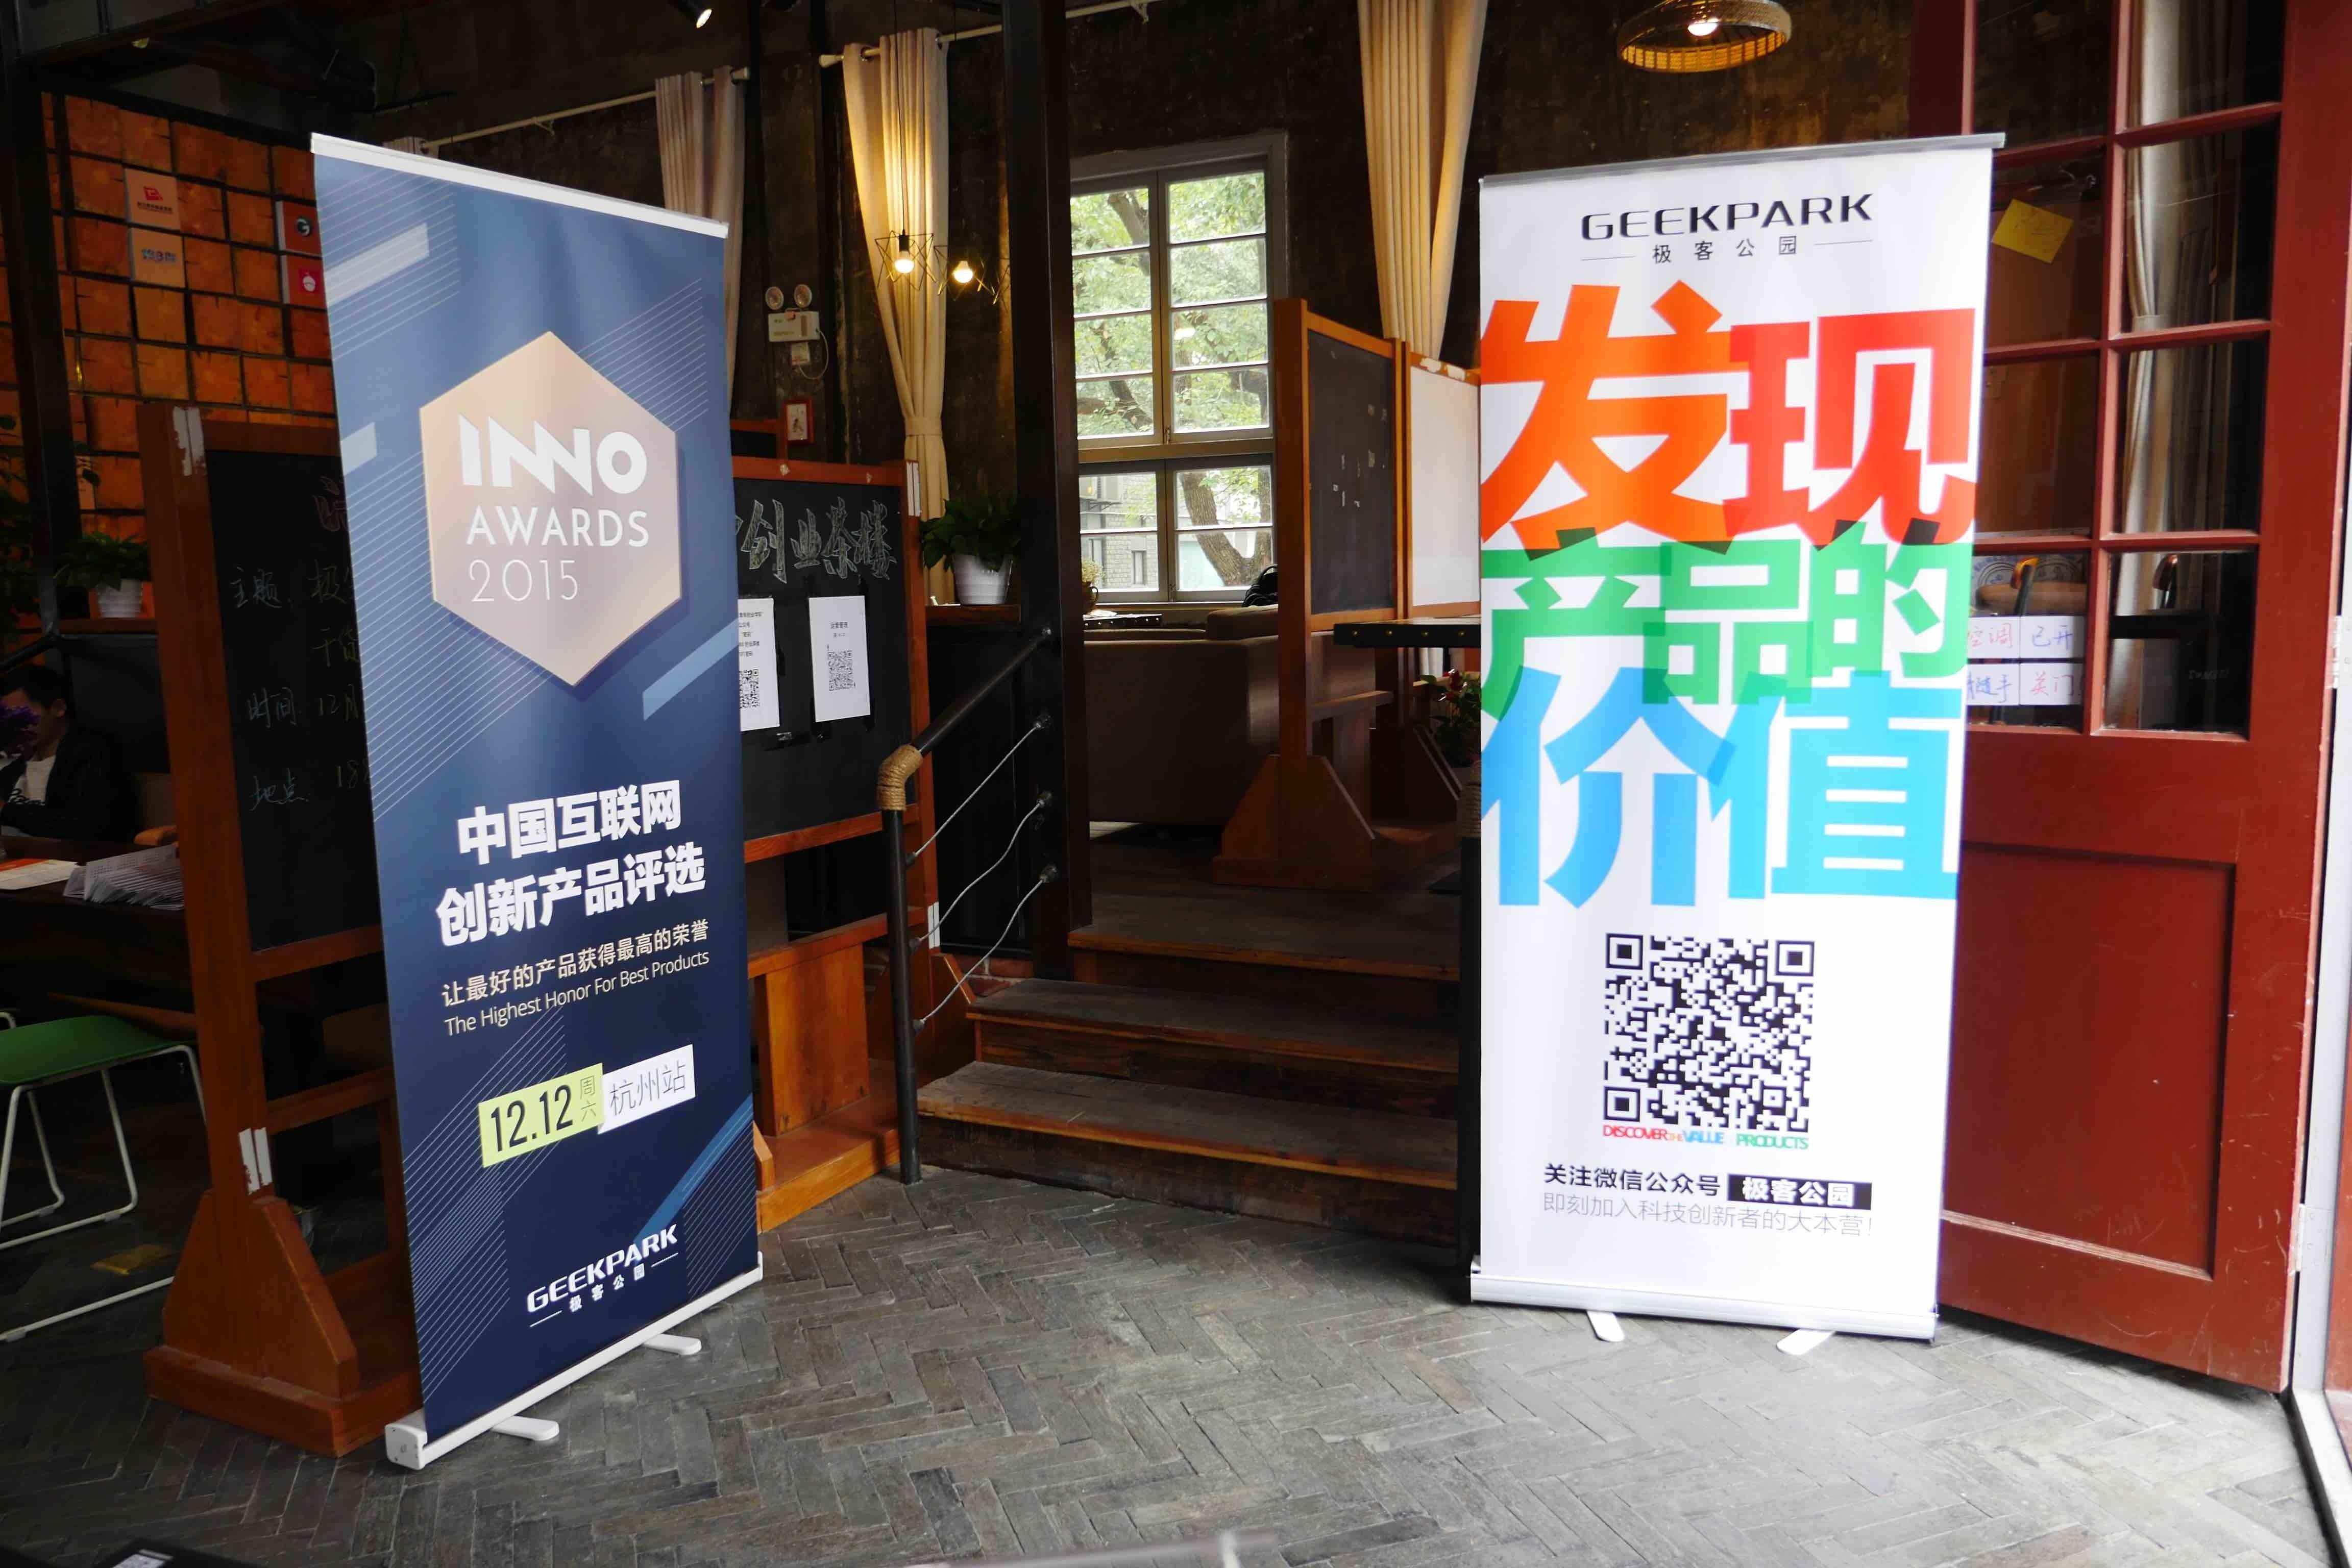 2015 中国互联网创新产品评选巡演杭州站:未来生活的步伐